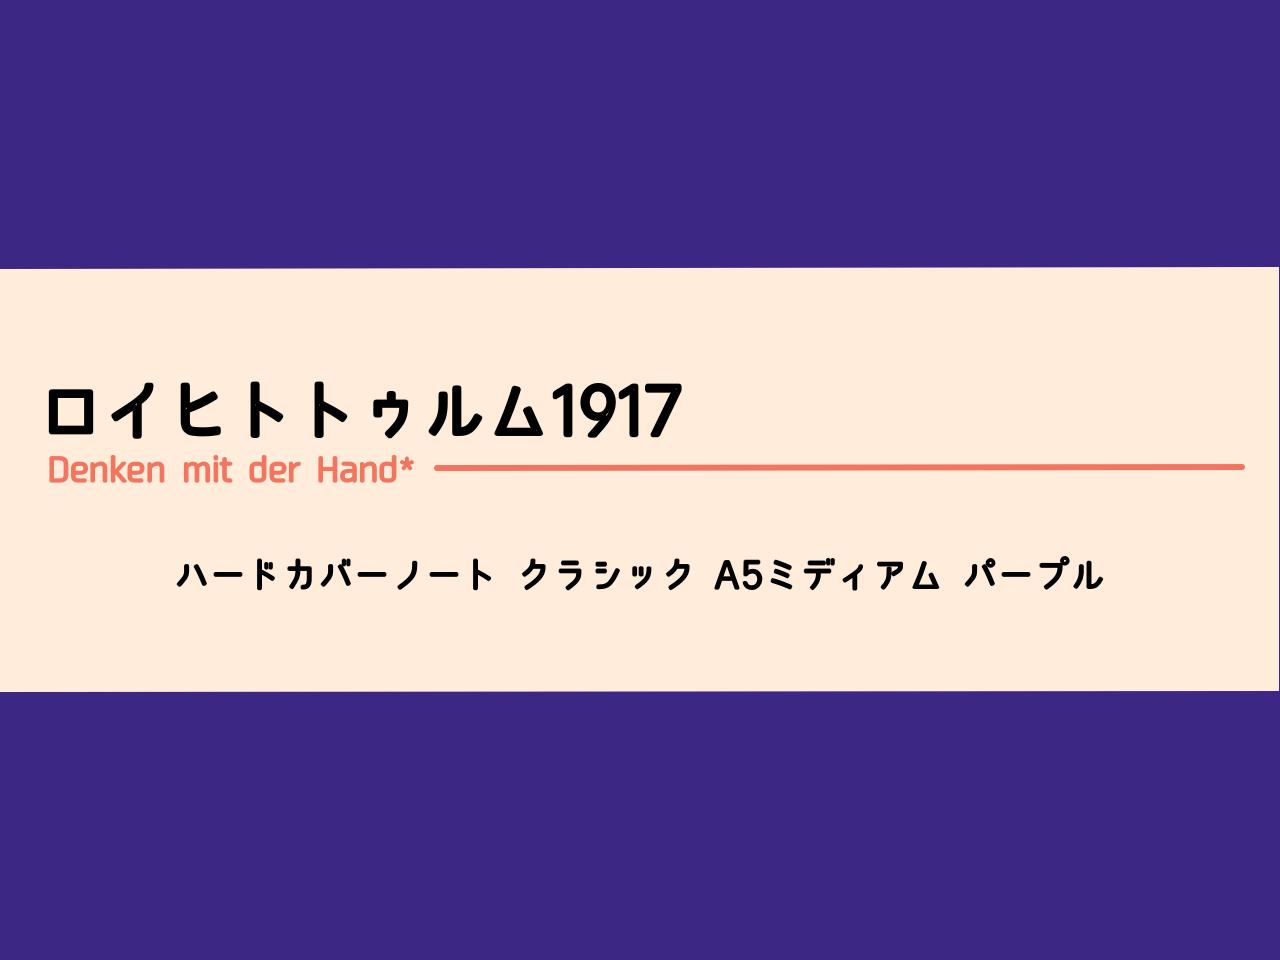 ロイヒトトゥルム1917 ハードカバーノート クラシック A5ミディアム パープル